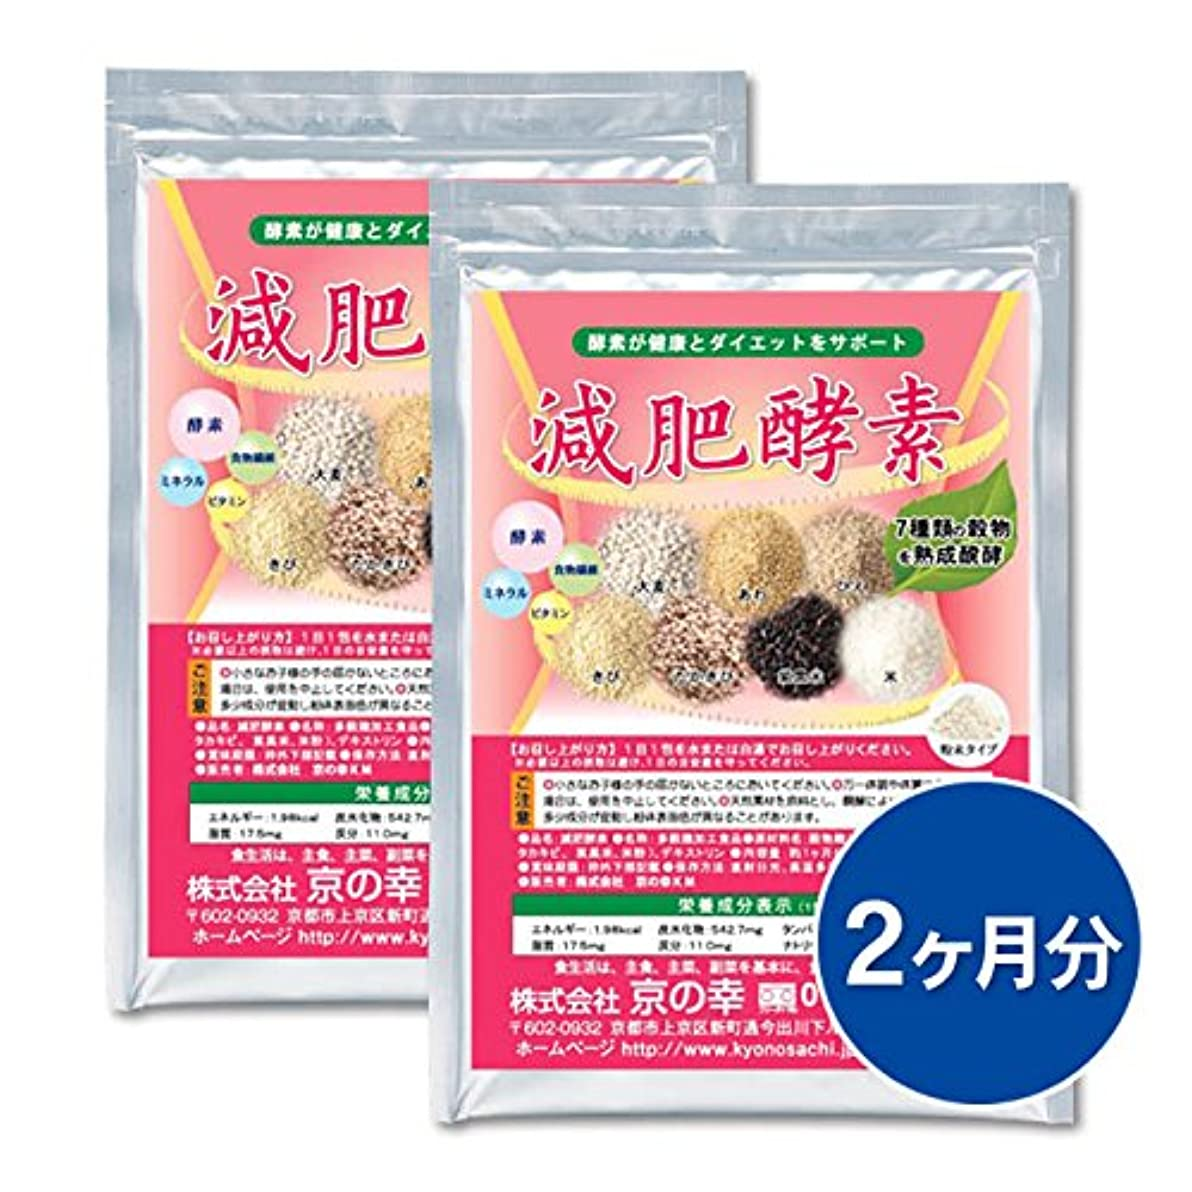 報奨金愛する冬京の幸 減肥酵素(30包×2)2ヶ月分